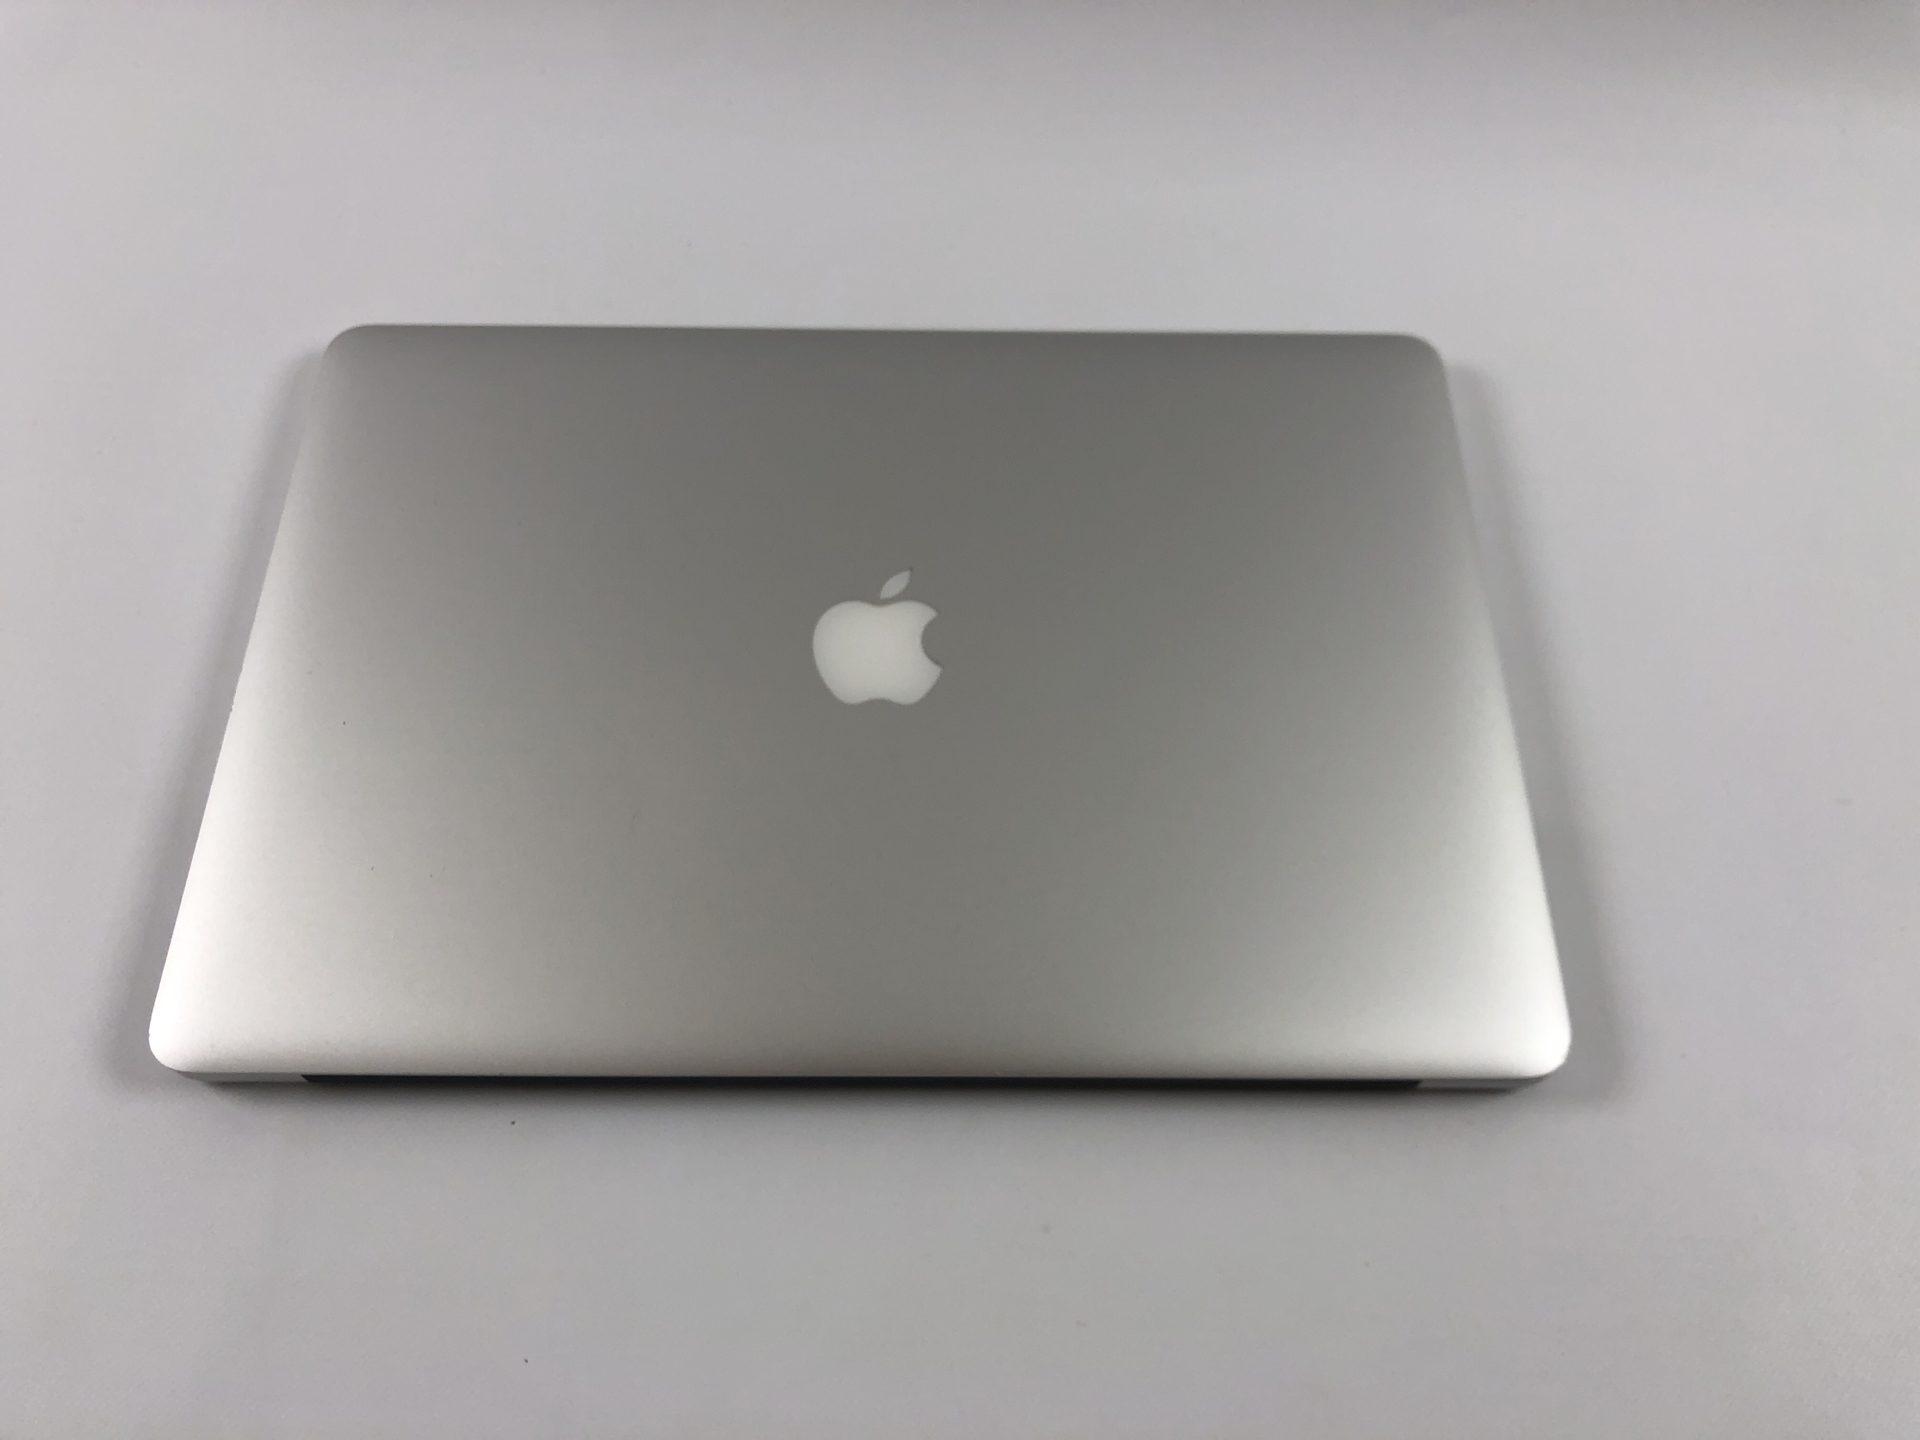 """MacBook Pro Retina 15"""" Mid 2014 (Intel Quad-Core i7 2.5 GHz 16 GB RAM 512 GB SSD), Intel Quad-Core i7 2.5 GHz, 16 GB RAM, 512 GB SSD, Kuva 3"""